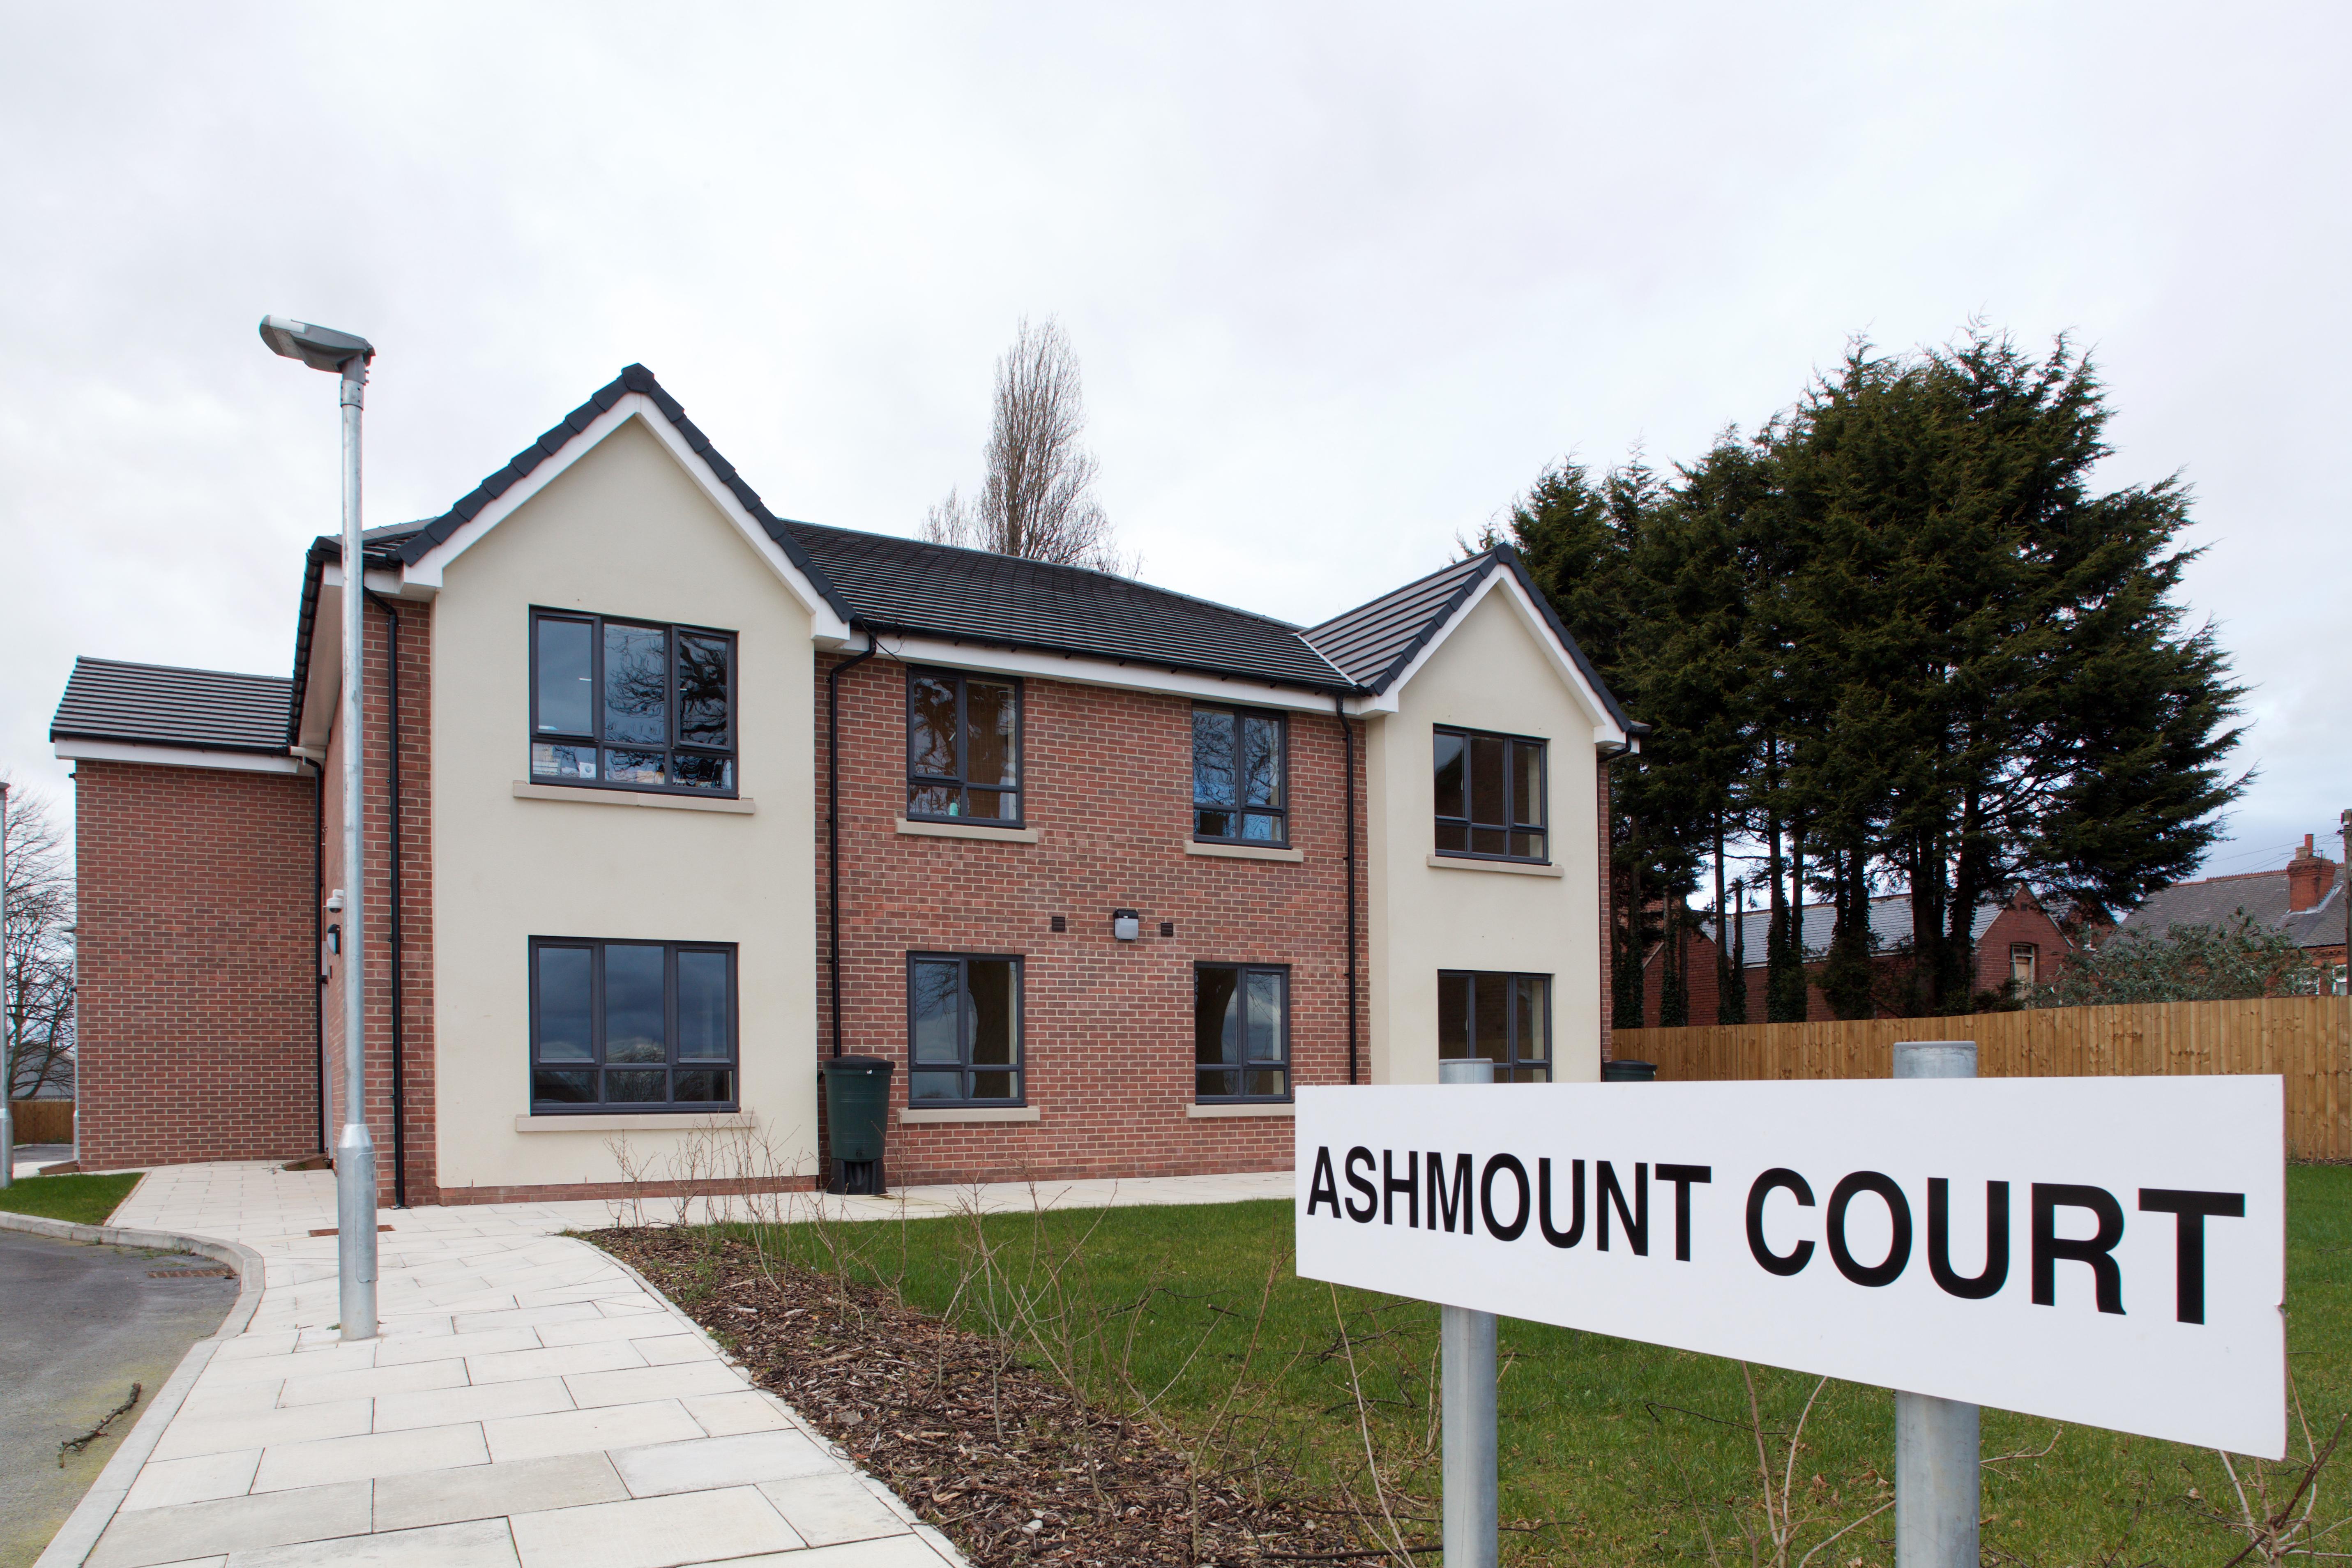 Ashmount Court